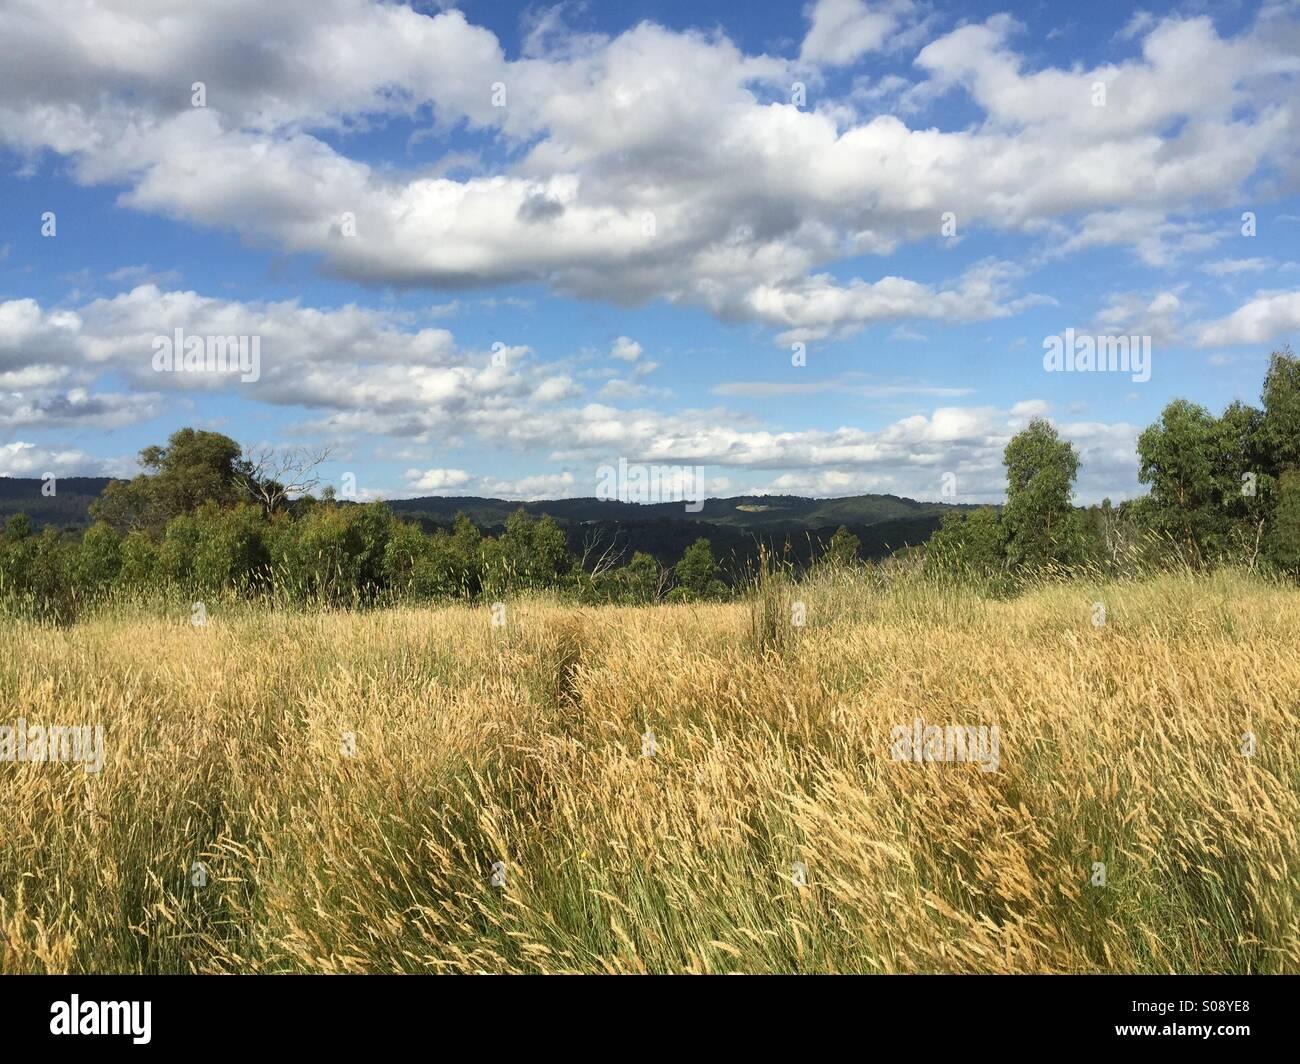 Wheat field, Victoria, Australia - Stock Image